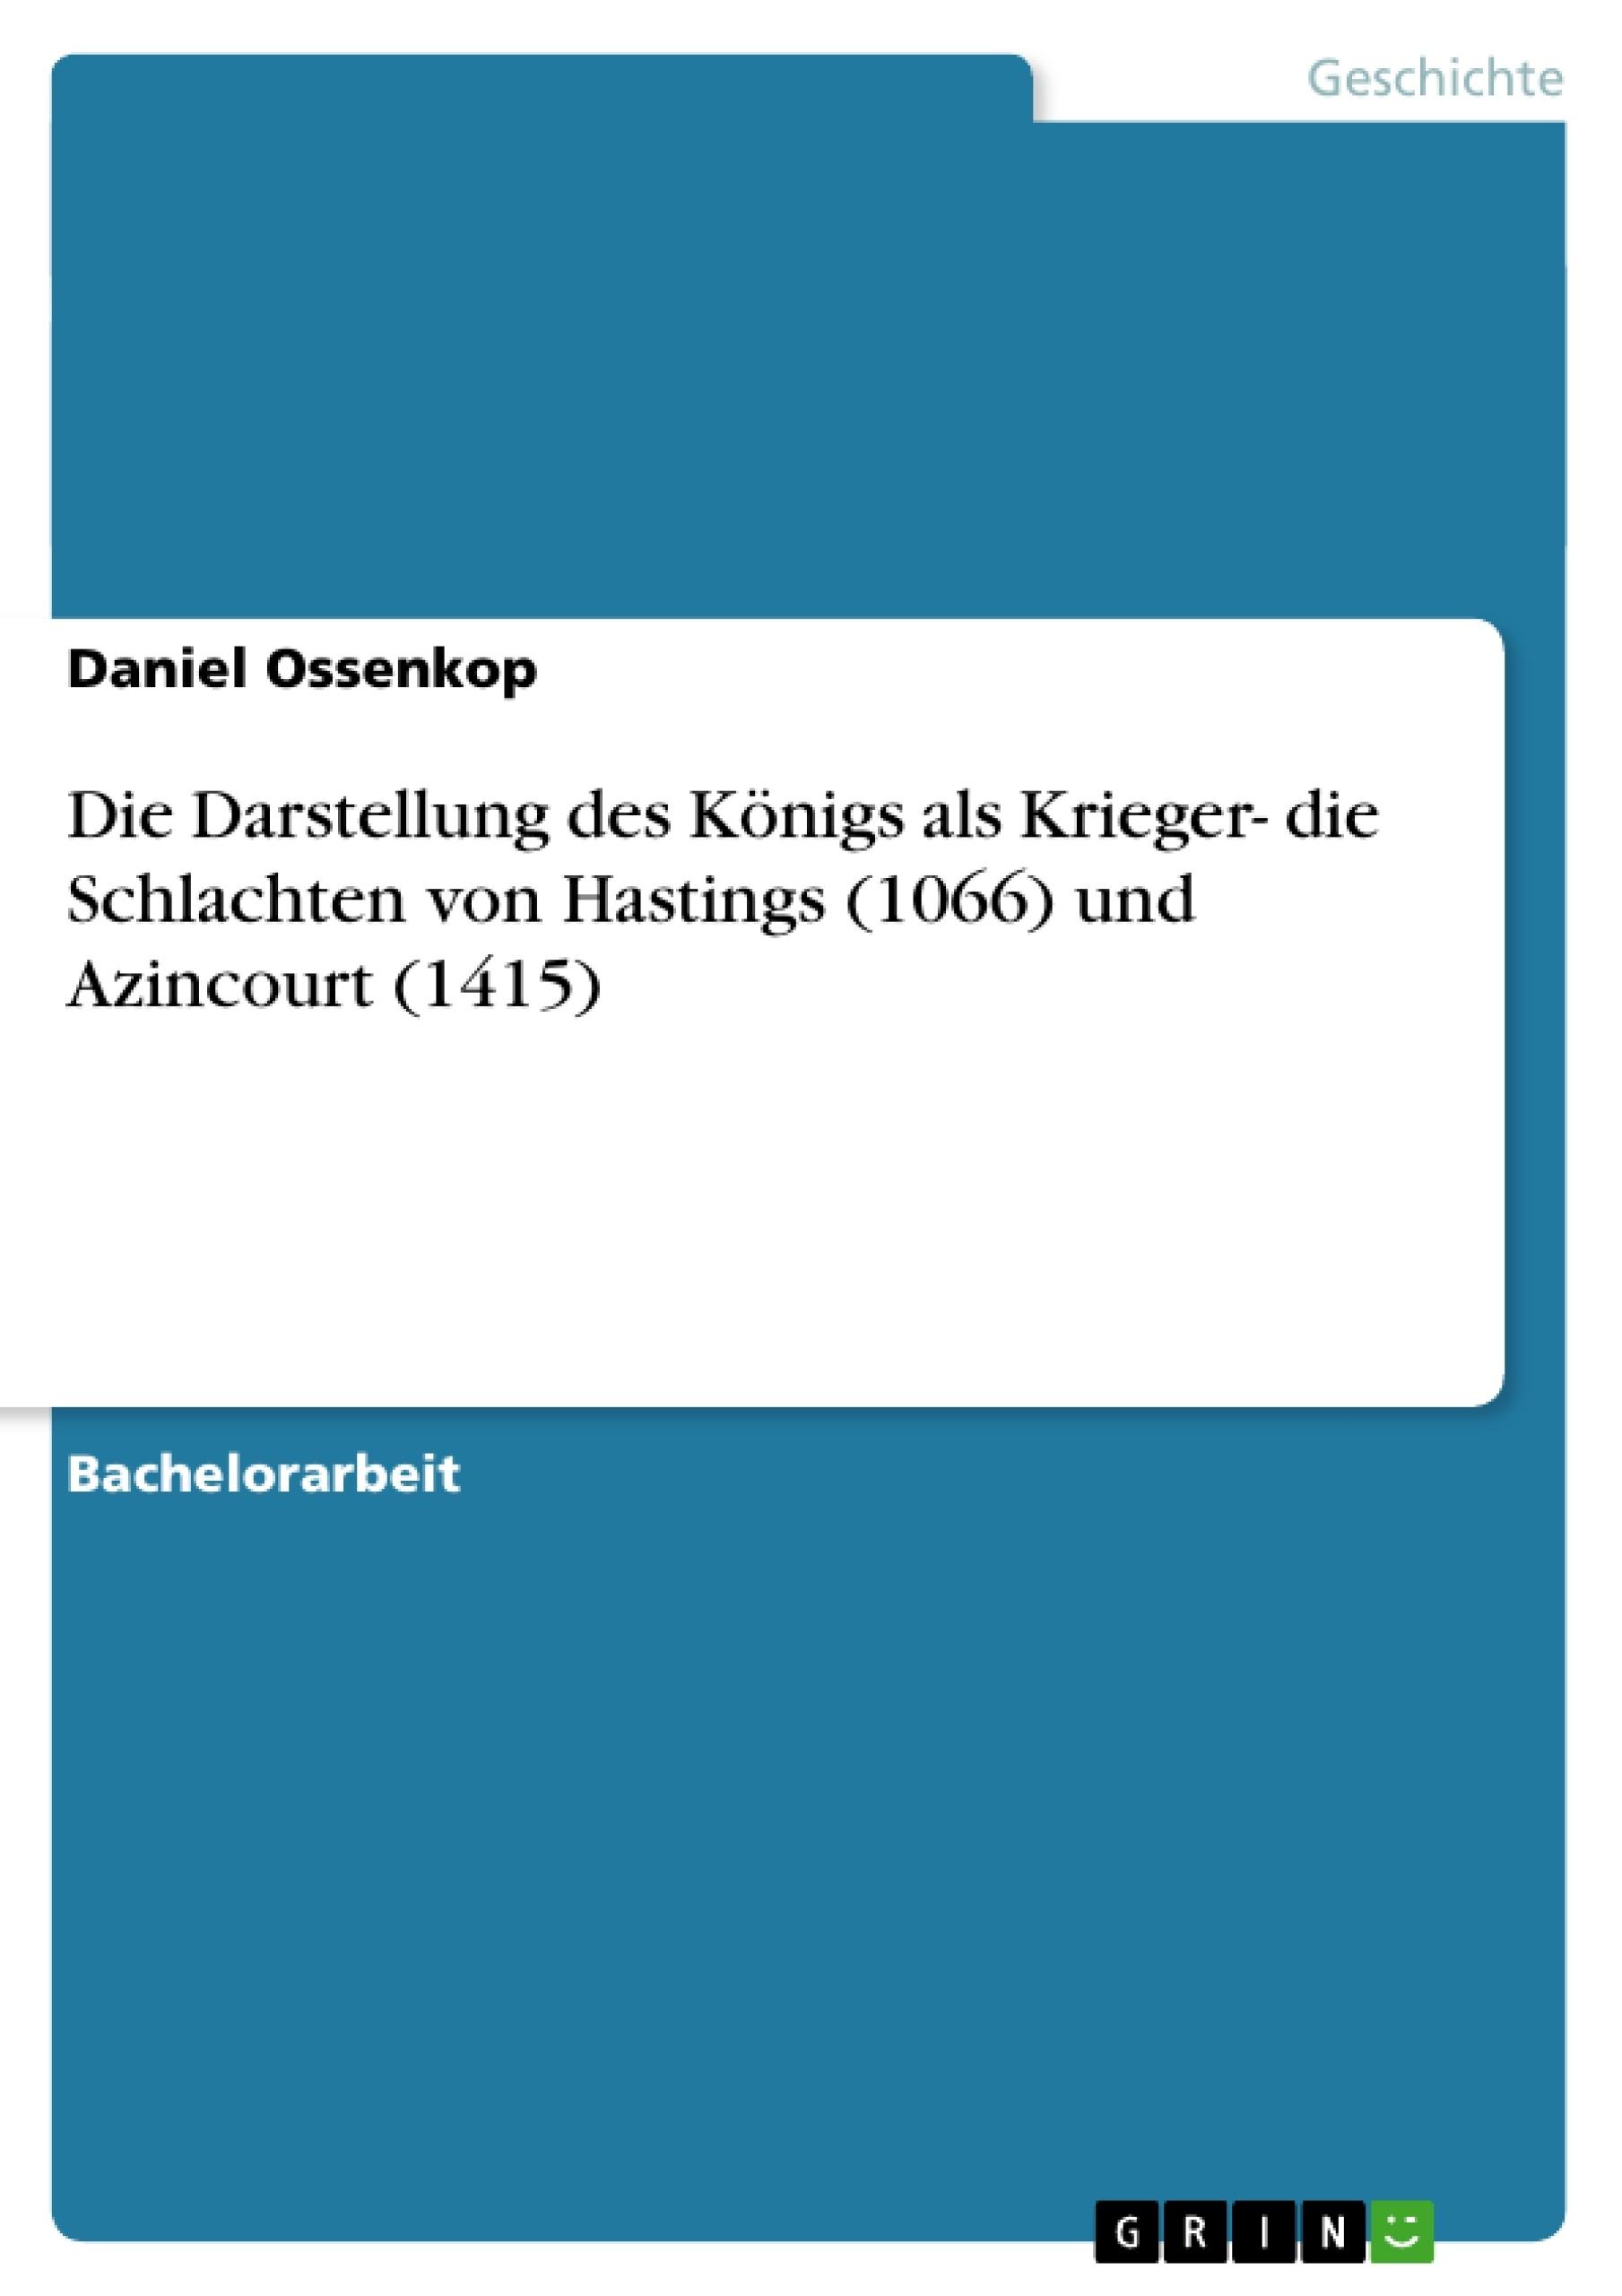 Titel: Die Darstellung des Königs als Krieger- die Schlachten von Hastings (1066) und Azincourt (1415)